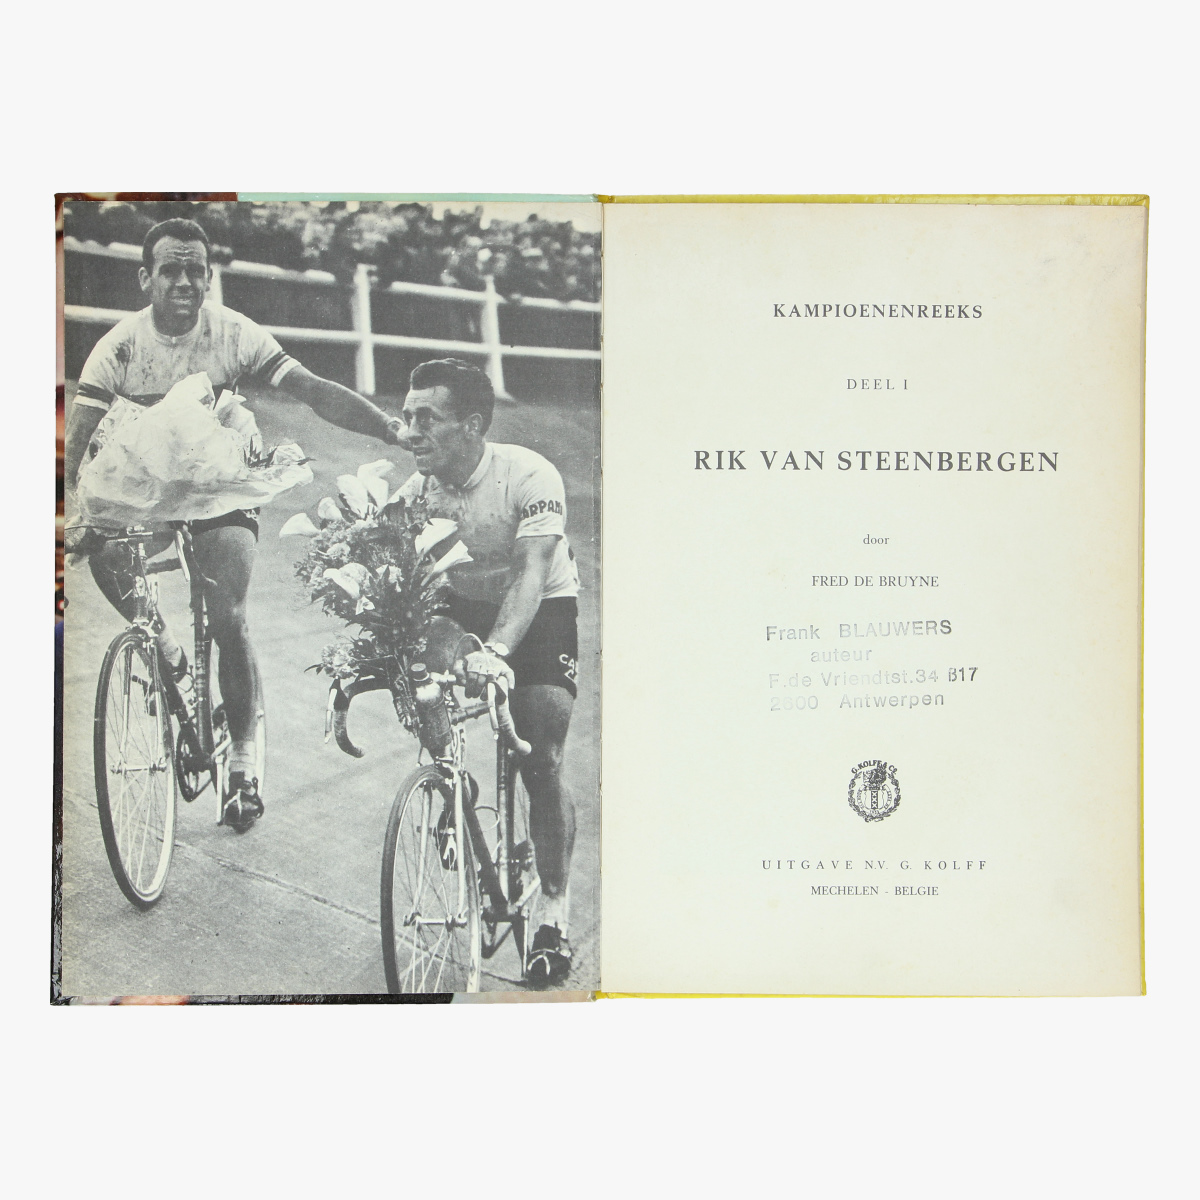 Afbeeldingen van boek Rik Van Steenbergen door Fred De Bruyne